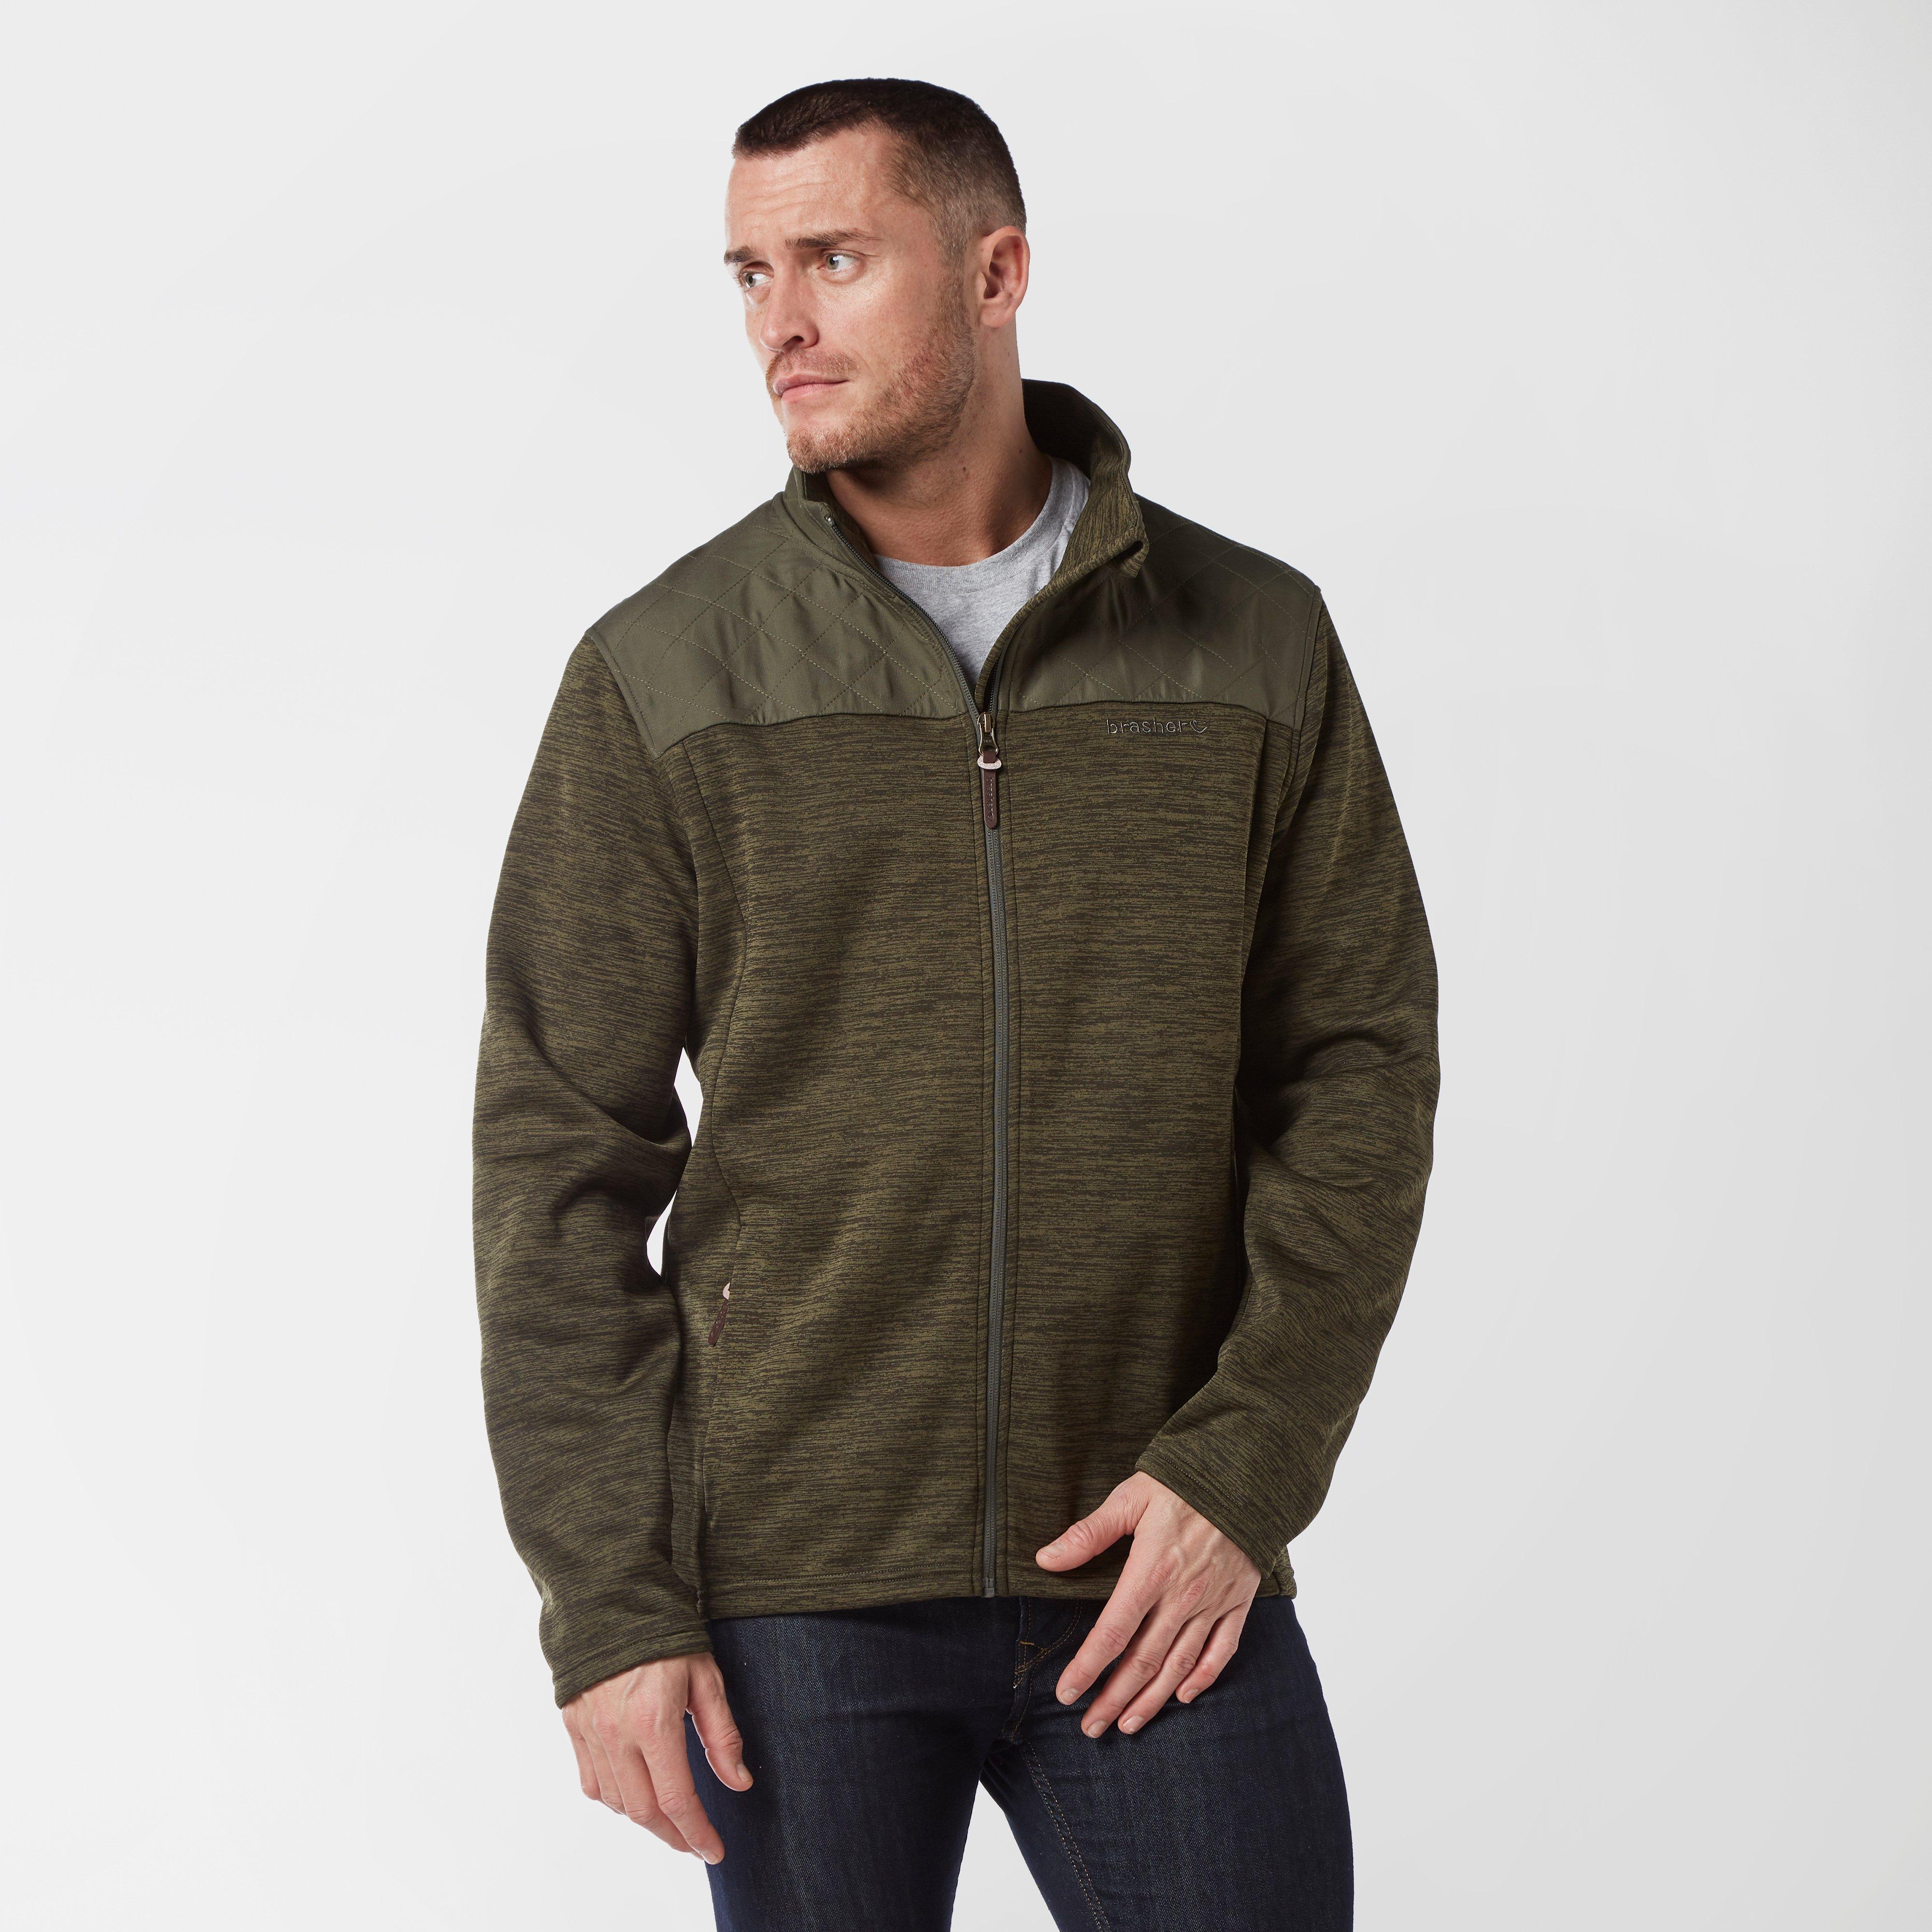 Brasher Mens Quilted Fleece - Khaki/brn  Khaki/brn